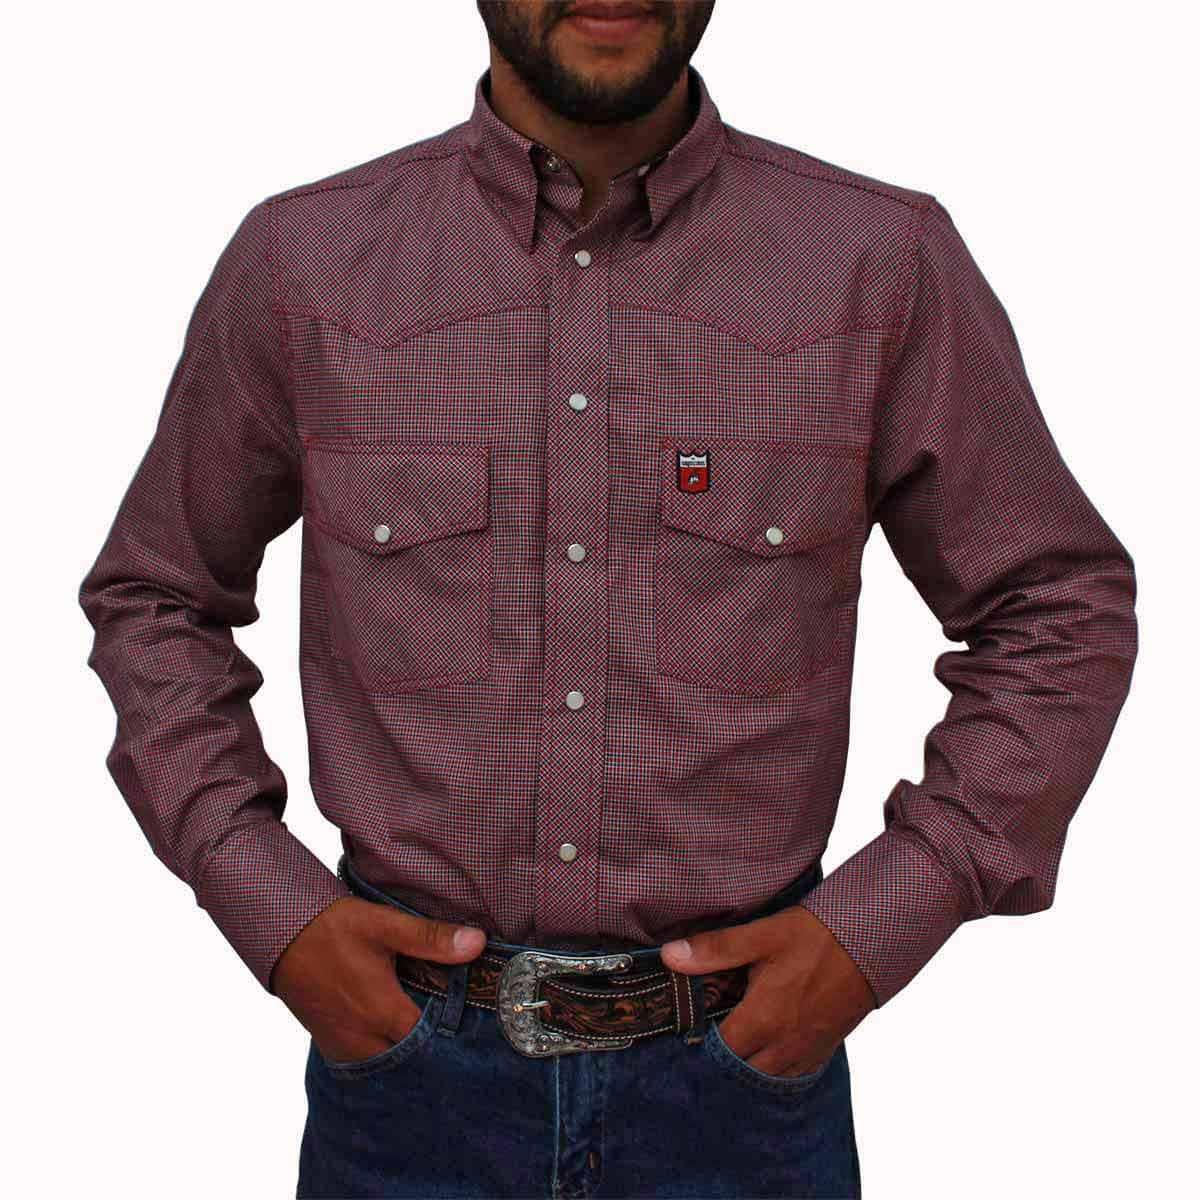 df623f4117 Camisa Os Vaqueiros Masculina Xadrez Vermelha Manga Longa - Arena Country  Echaporã